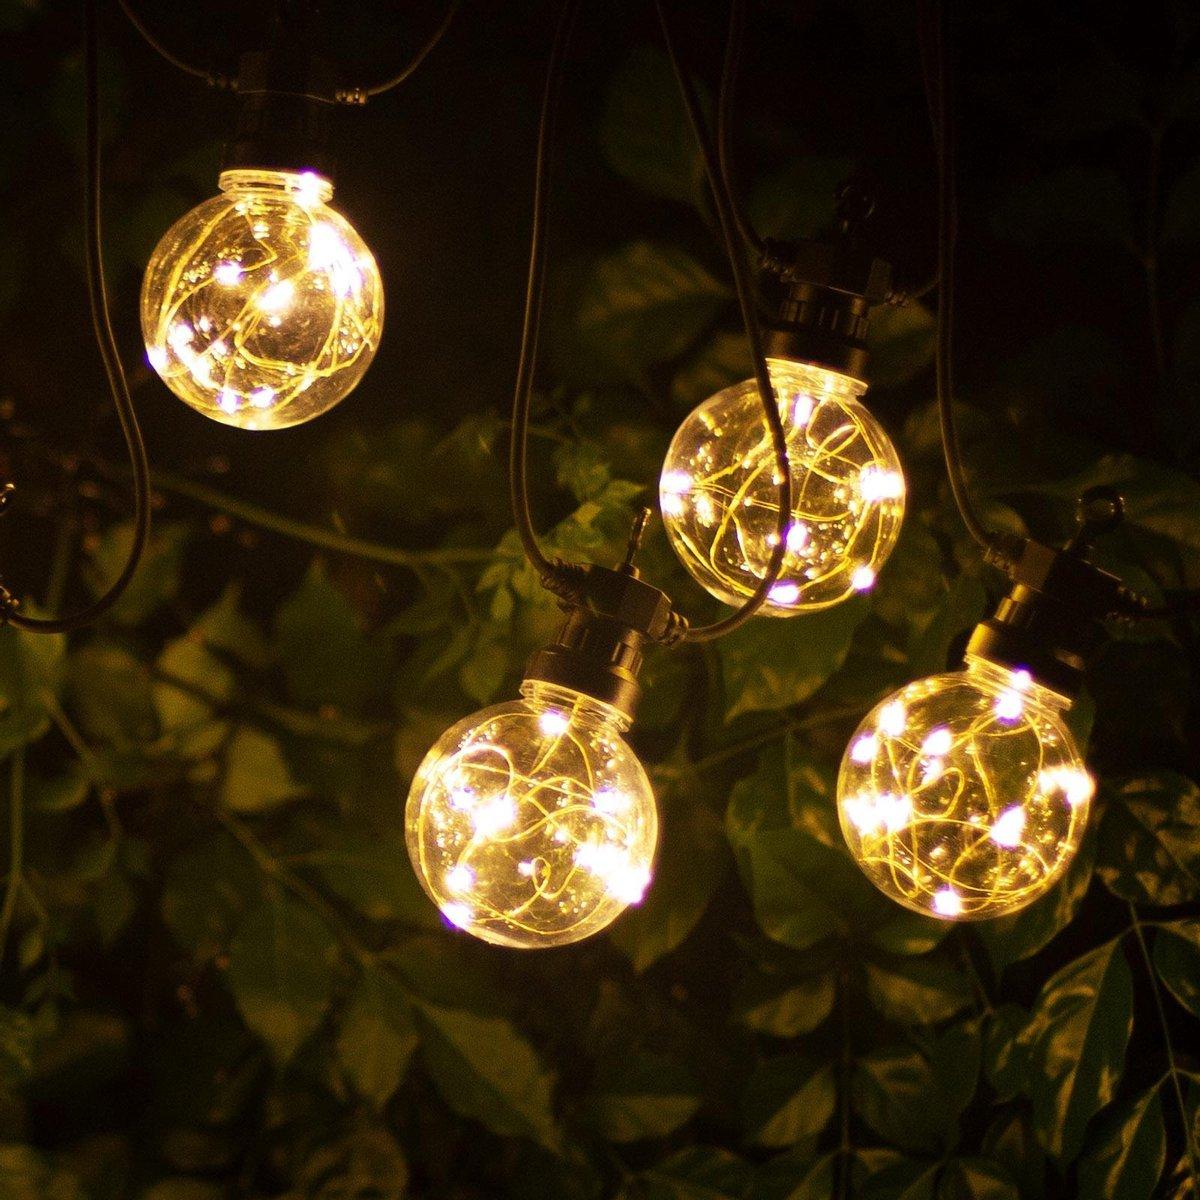 Aigostar 10VRU Lichtsnoer - Lichtslinger - LED Lampjes Slinger - 10 LED Bulbs - 8m - IP44 - 2700K